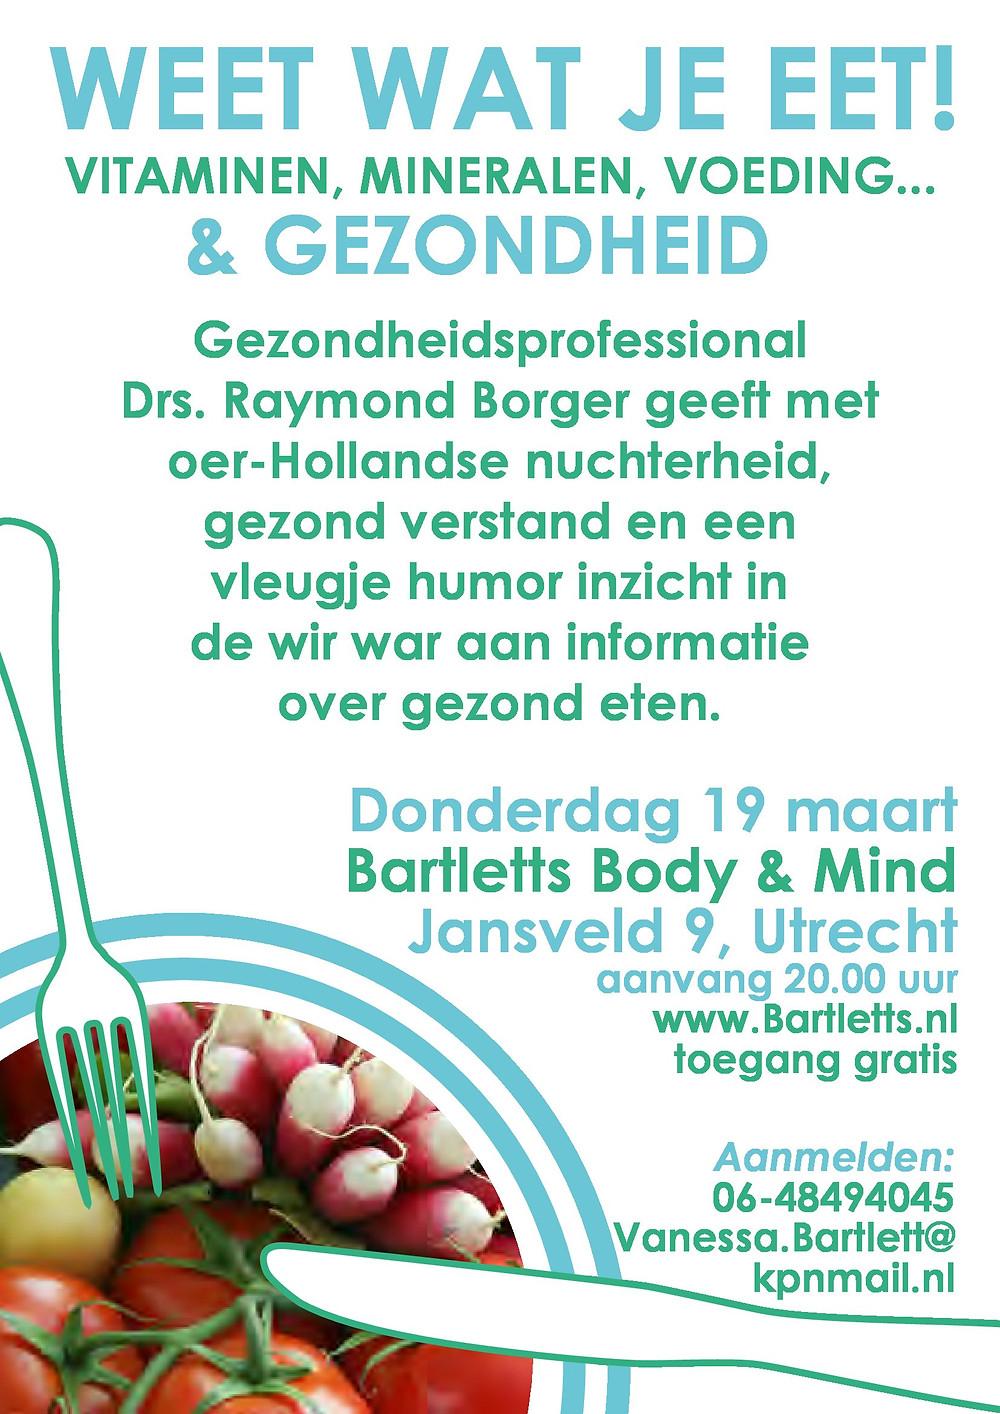 poster_Weet_wat_ik_eet_3.jpg